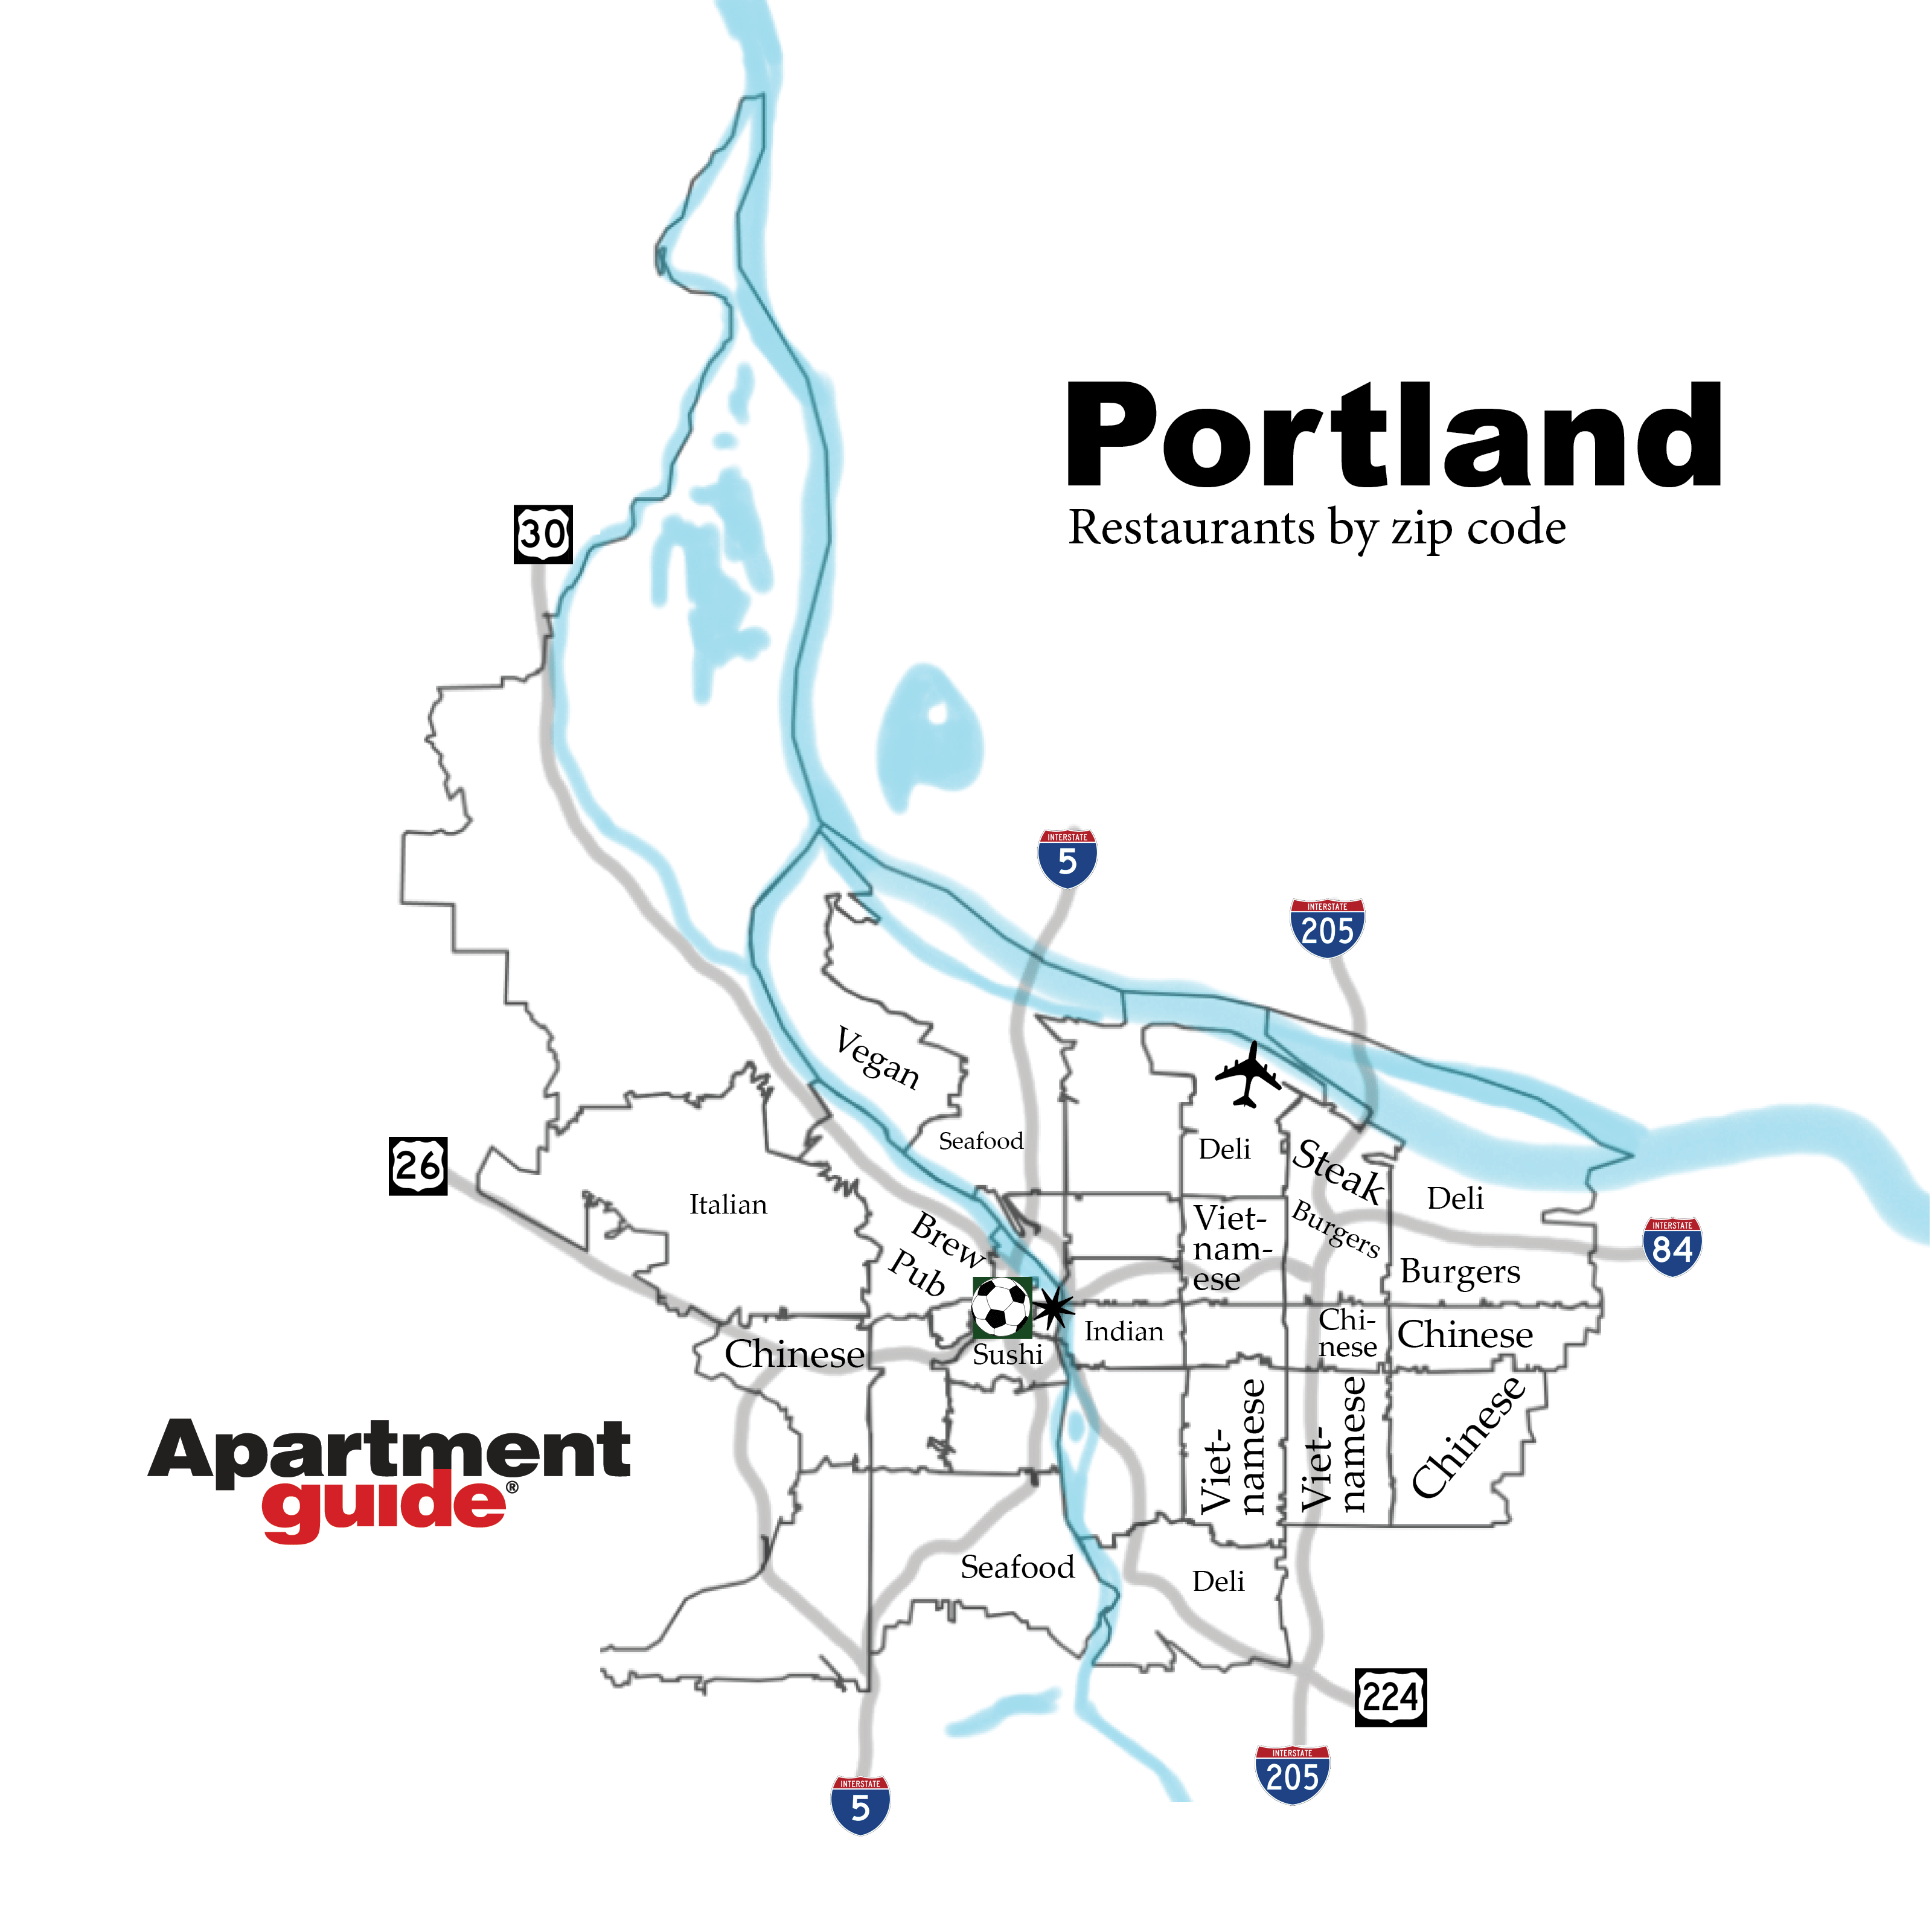 Portland restaurants by zip code